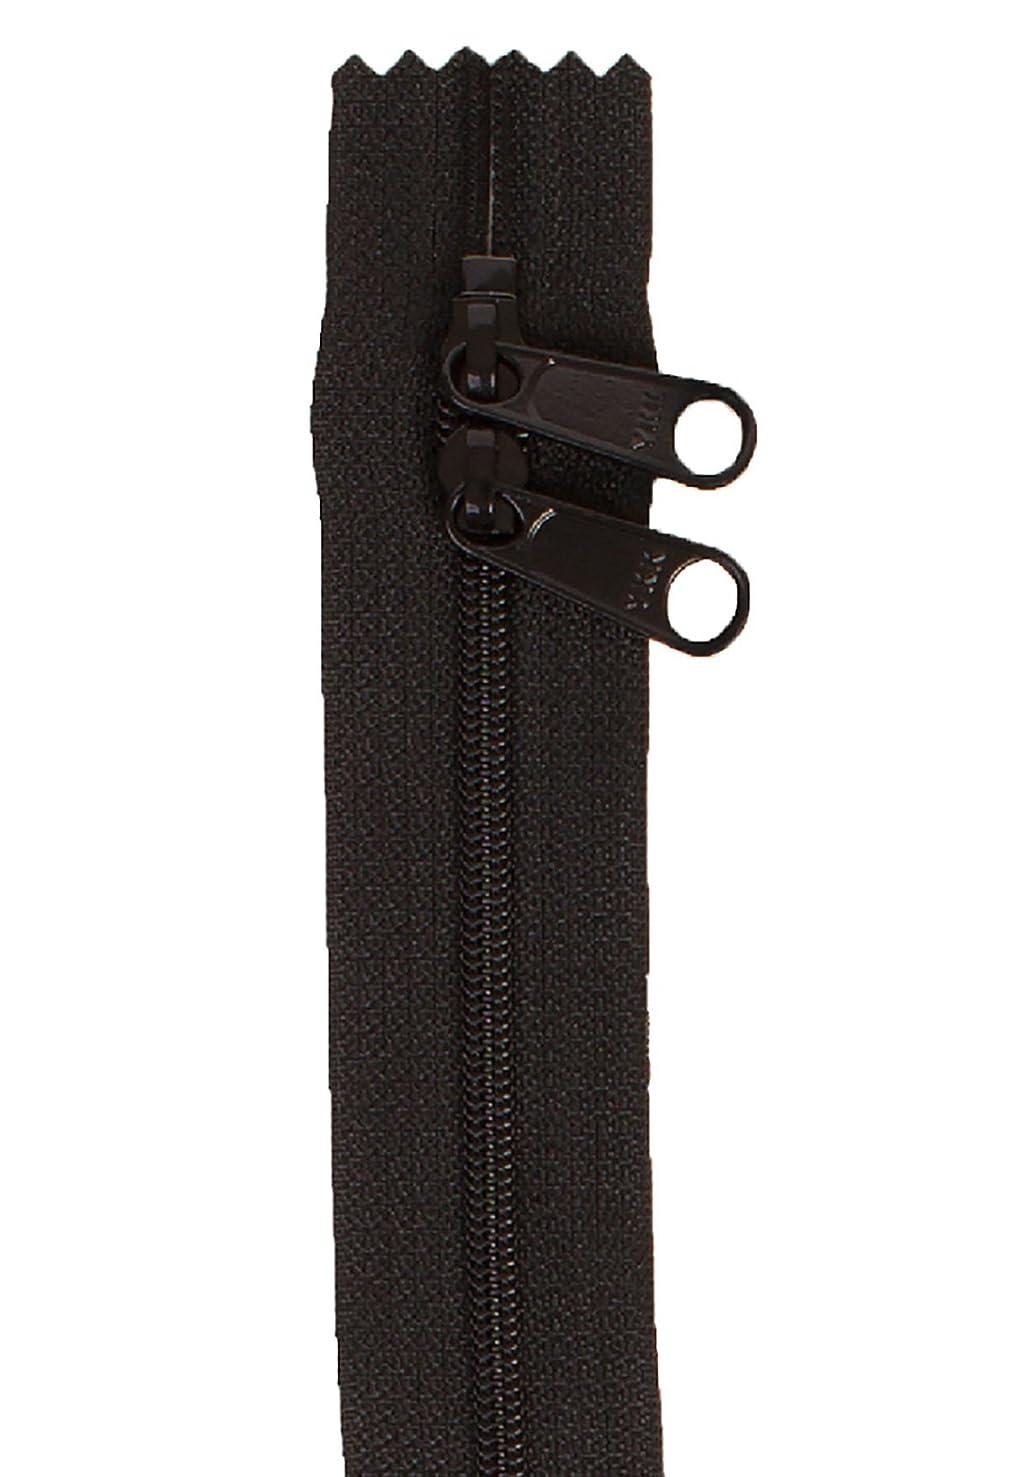 ByAnnie Double Slide Zipper, 40